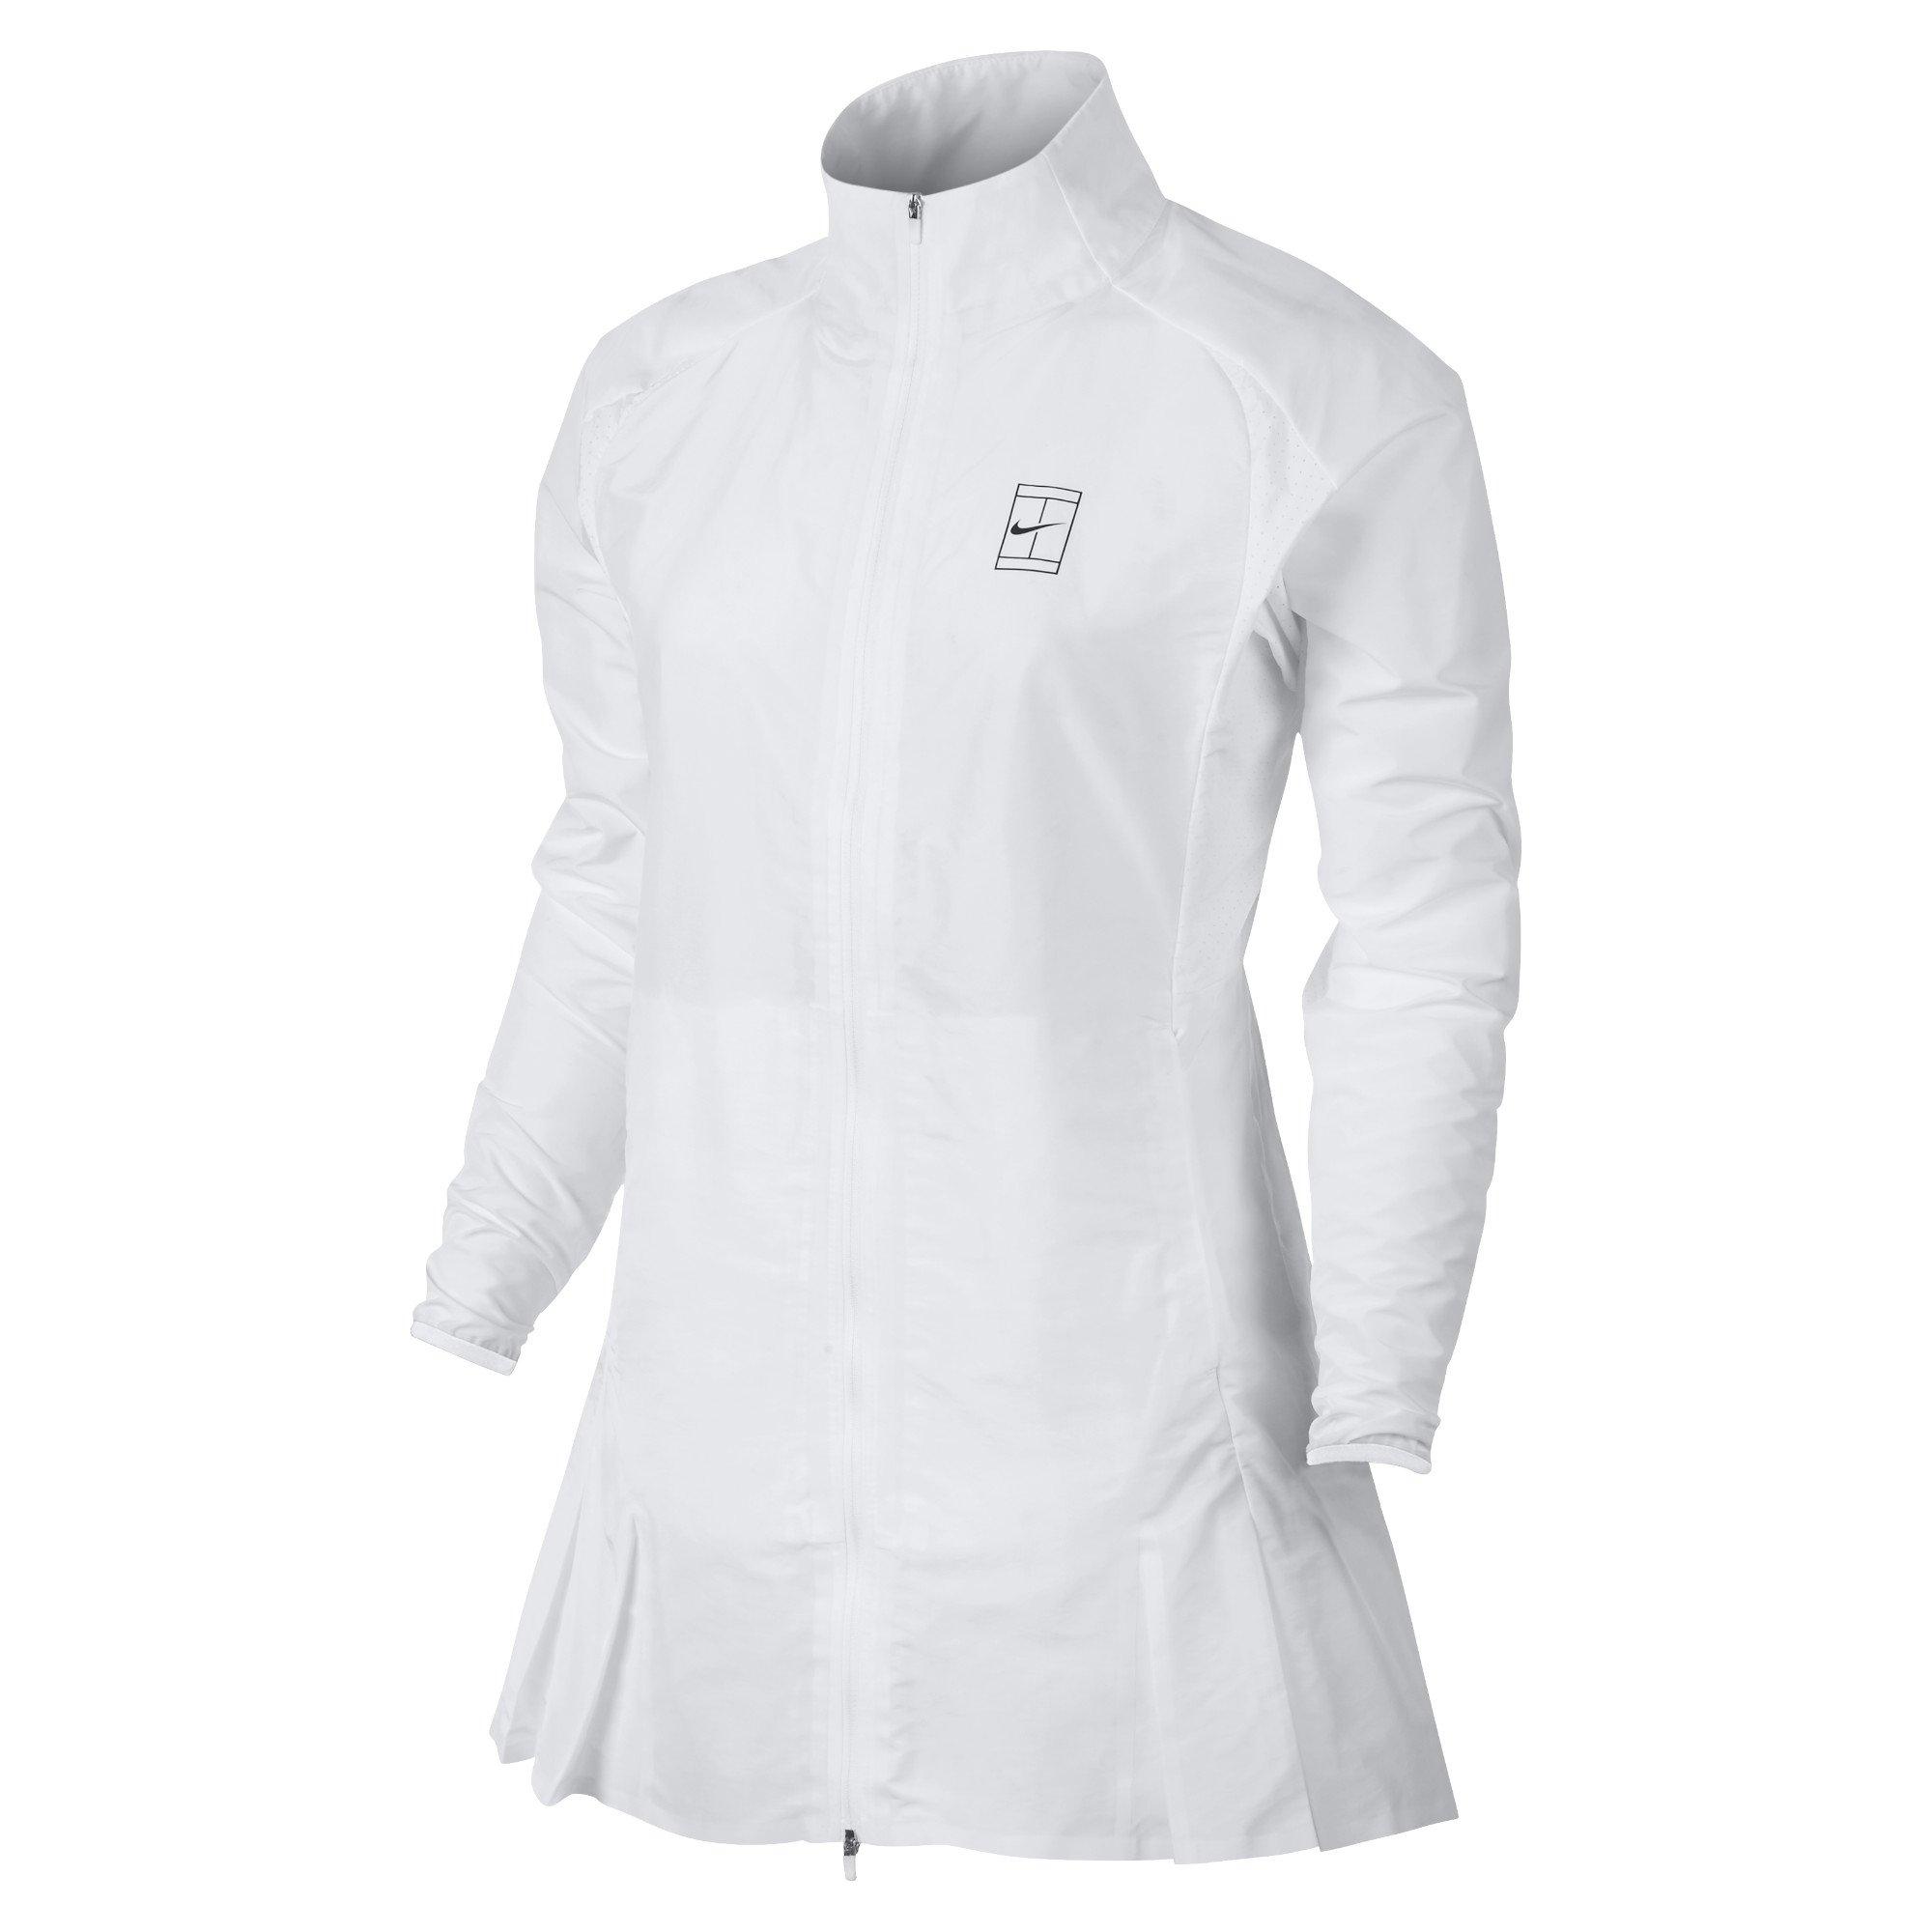 Nike Court Women's Tennis Jacket (Small, White/Black)